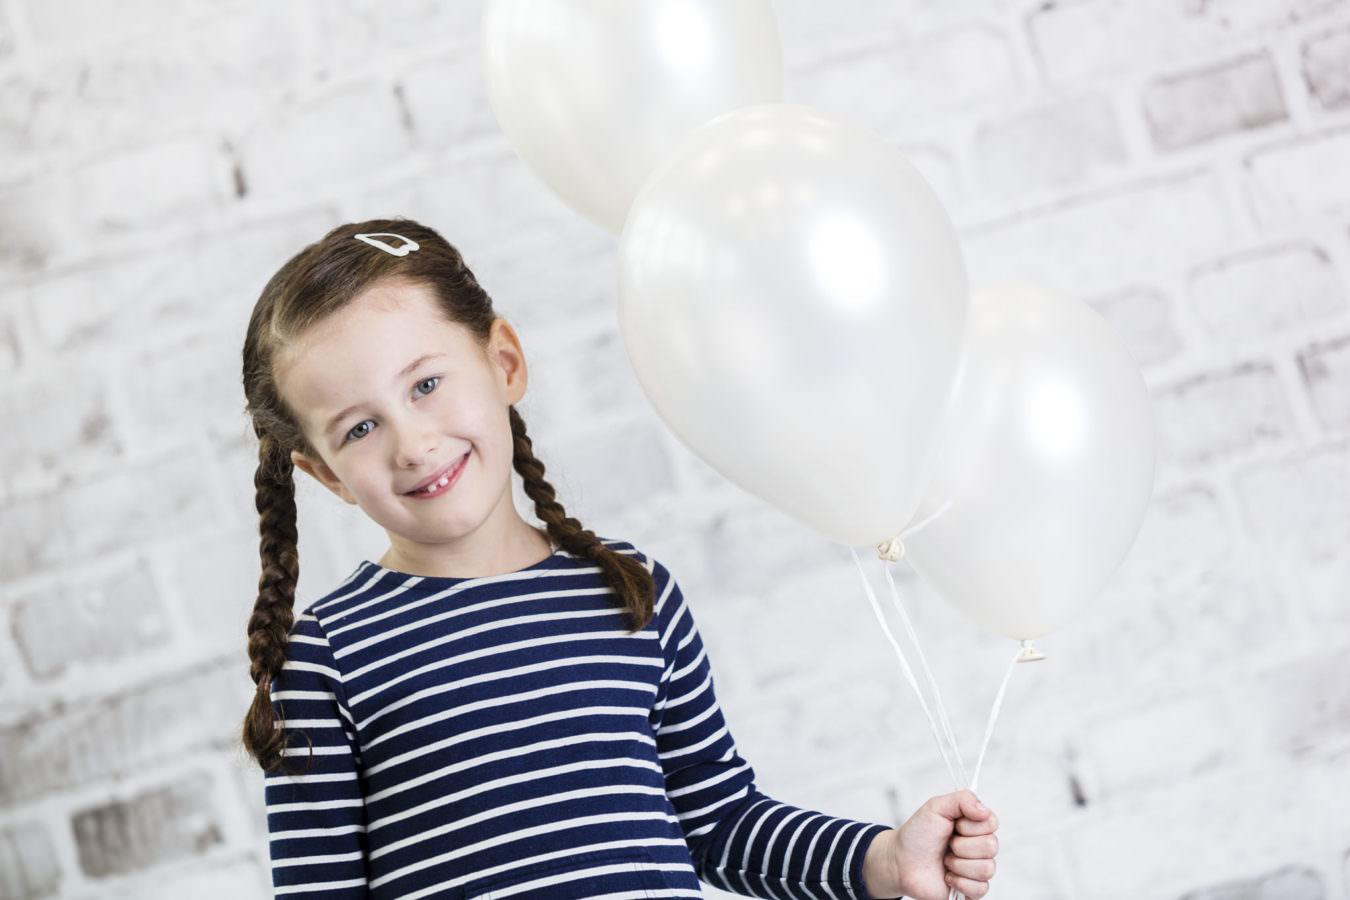 Kita Fotoshooting mit weissen Luftballons und Steinhintergrund